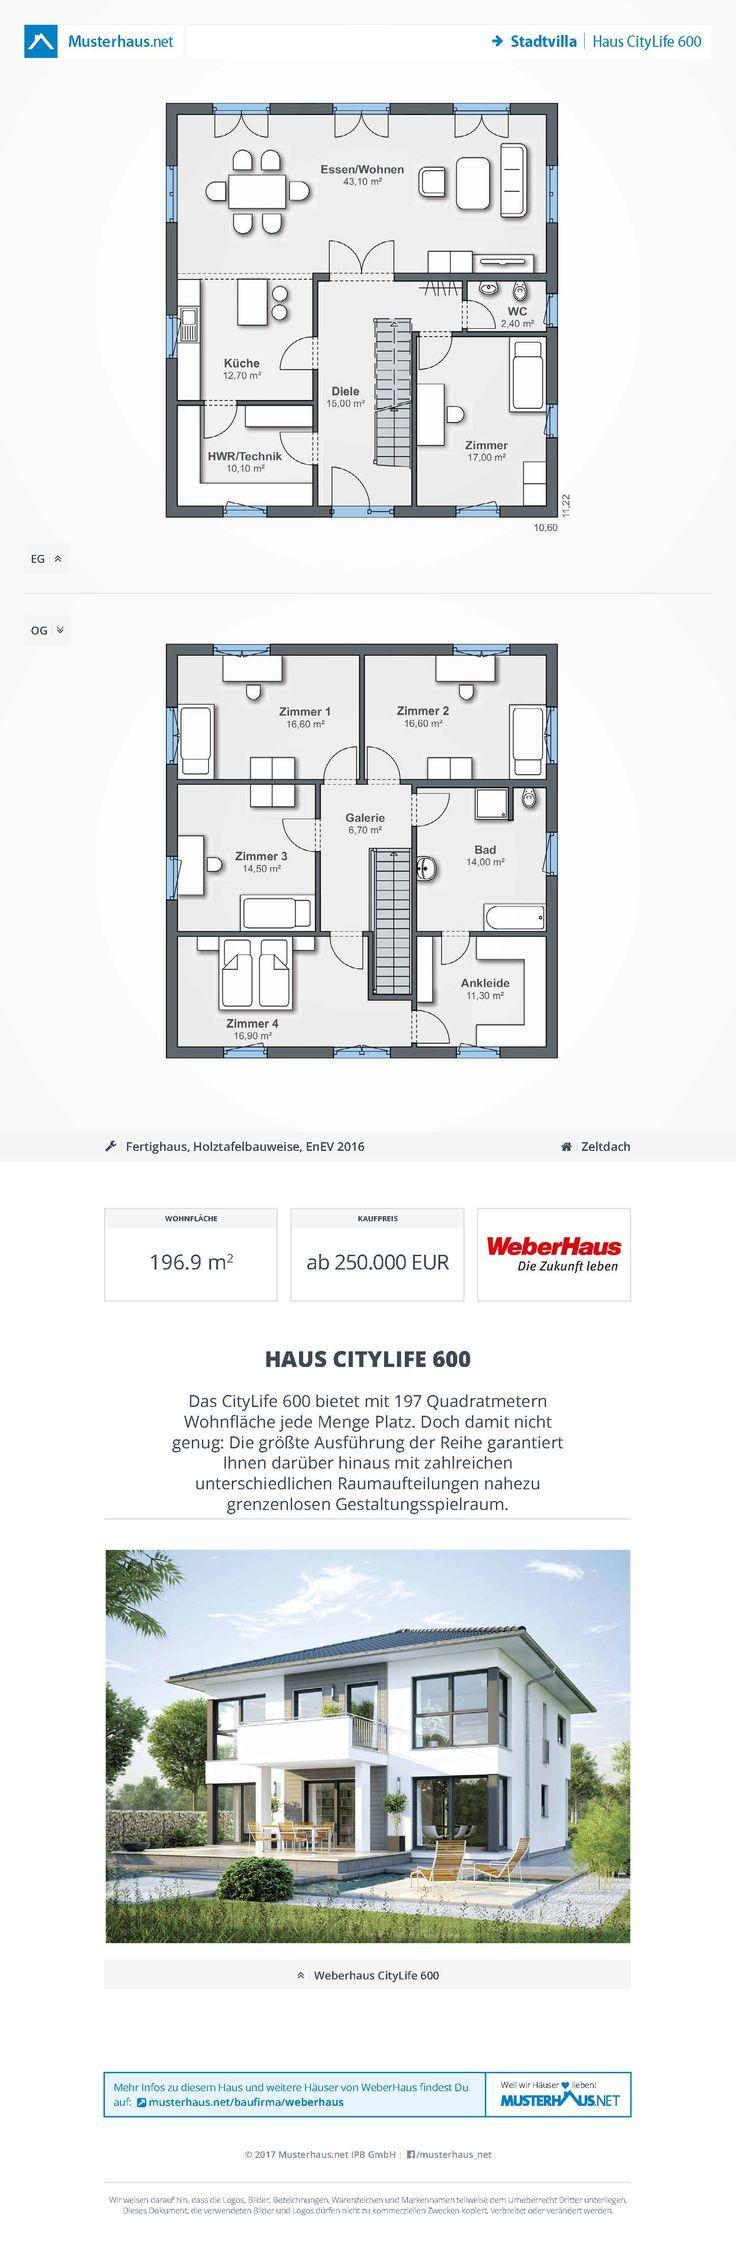 Haus CityLife 600 – Anni